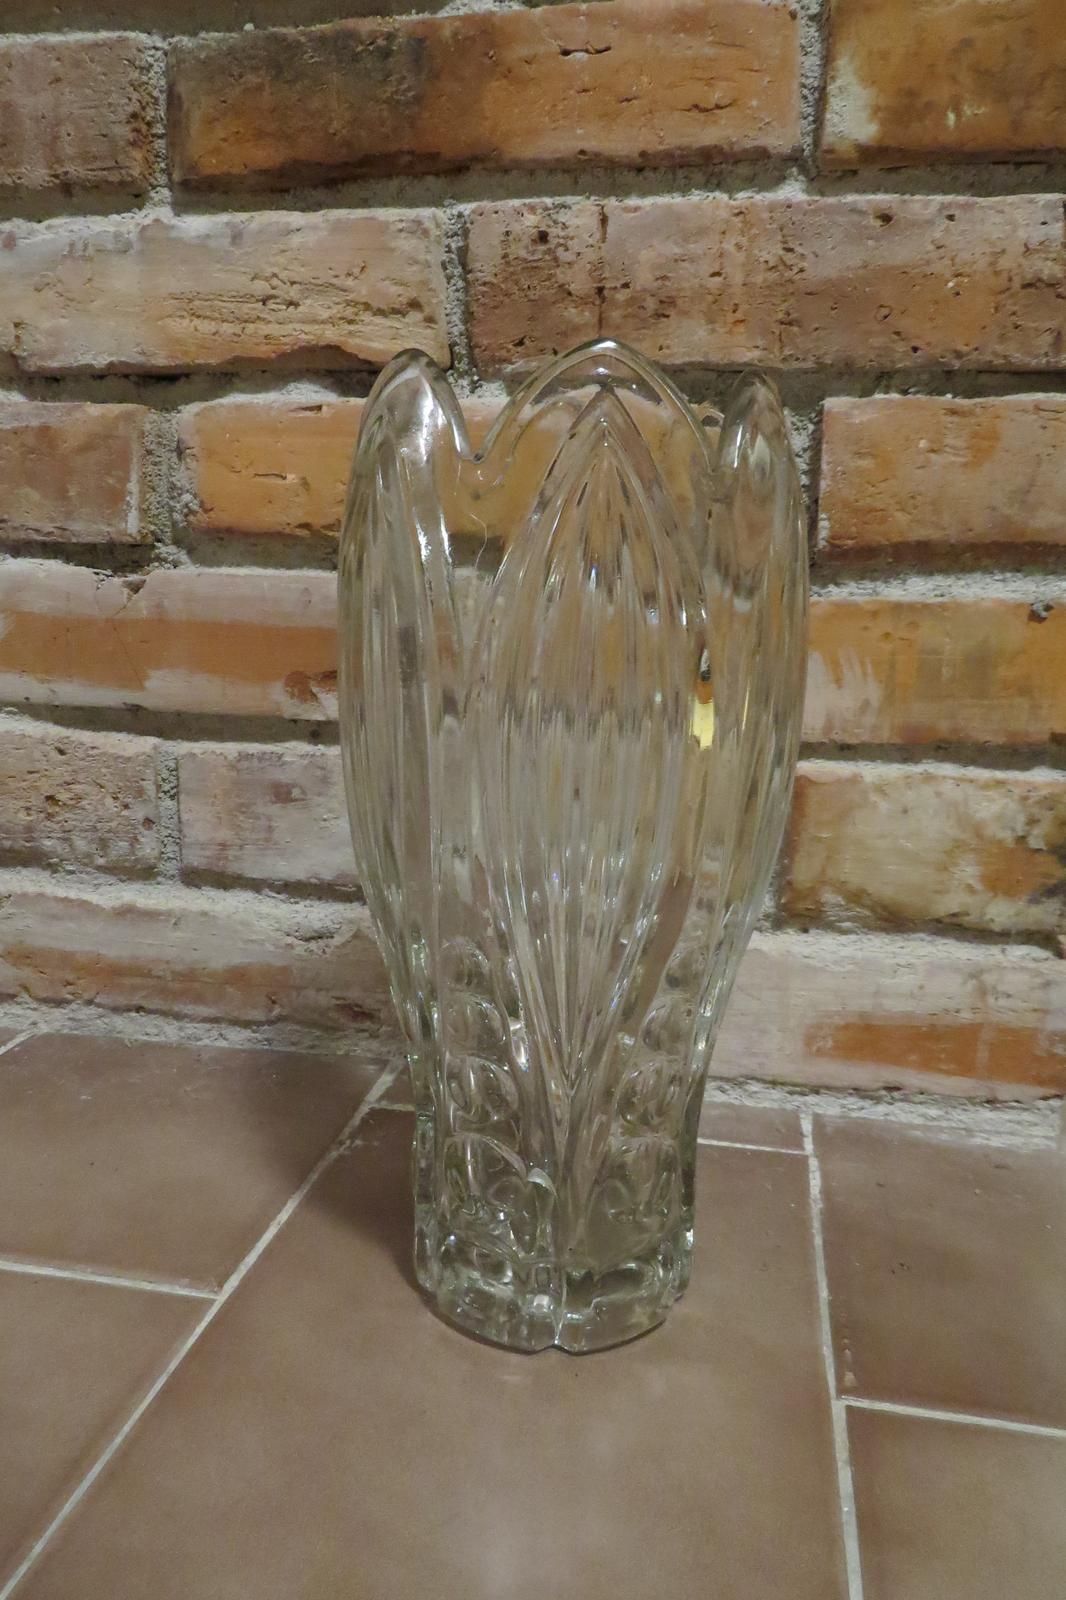 Sklenená veľká  váza - Obrázok č. 1